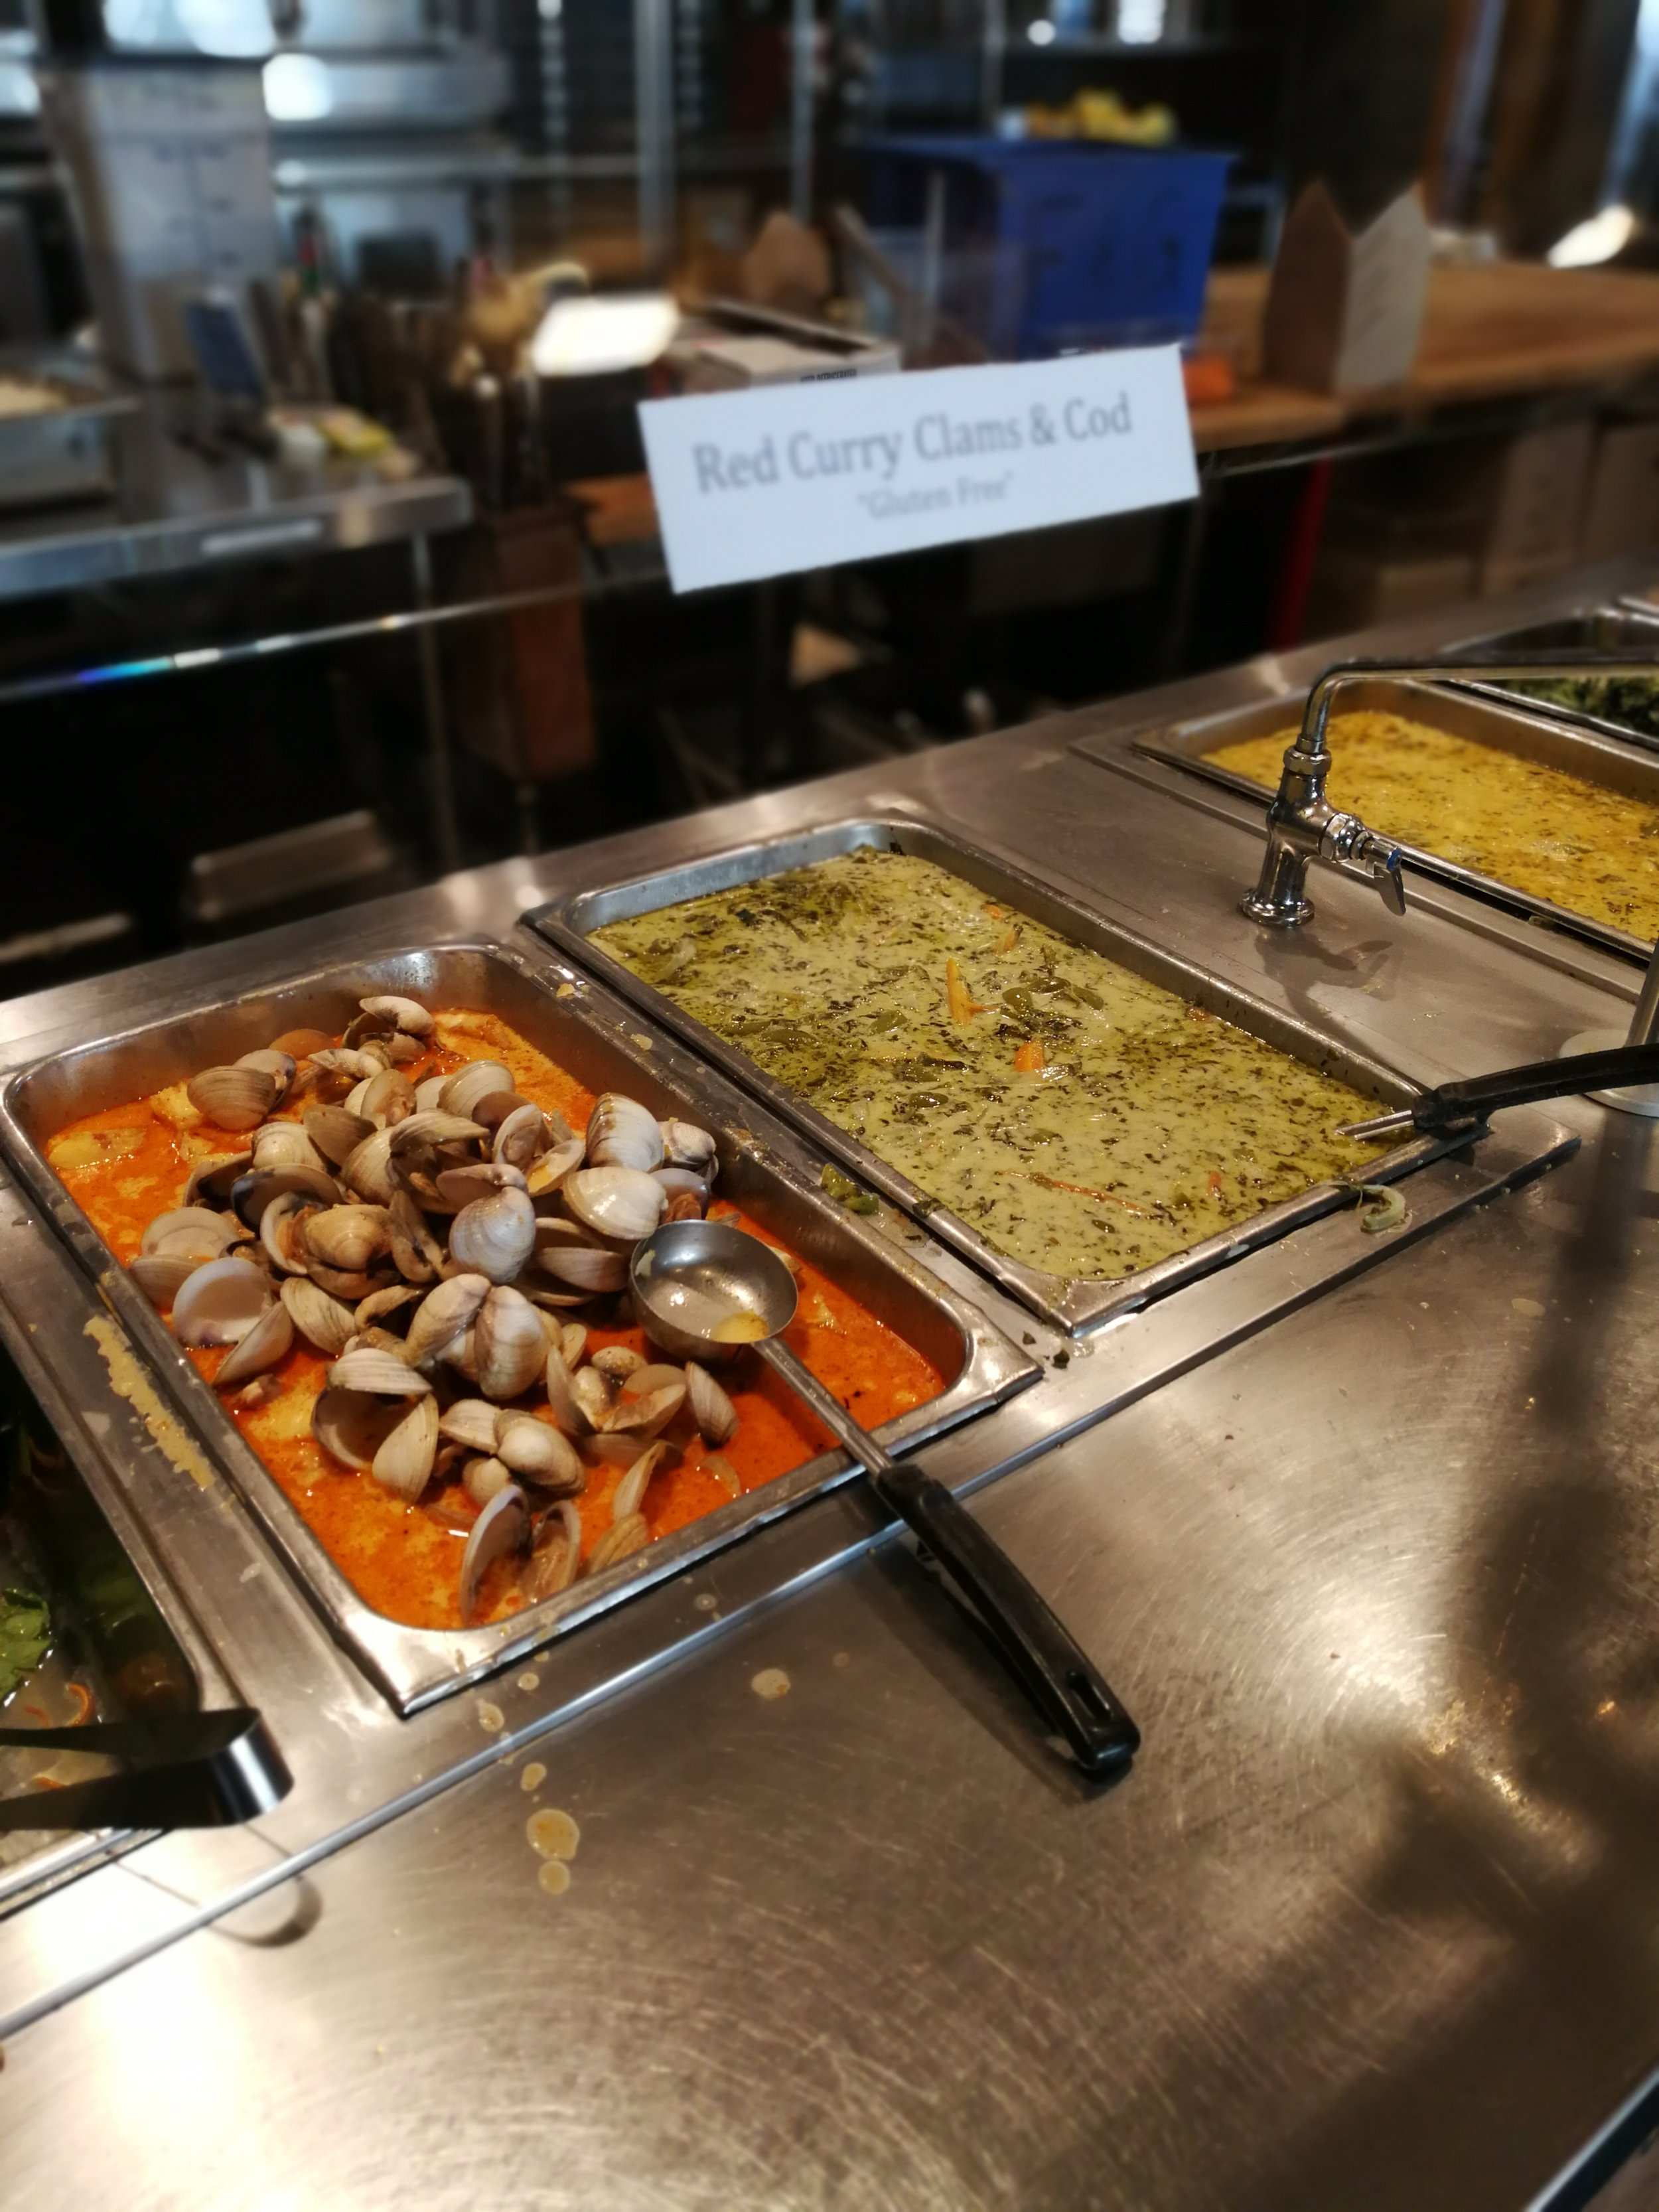 2018年8月  カウンターカルチャーの聖地、カリフォルニア、ビッグサーの Esalen INstitute で学びました。Esalenの畑でとれた野菜を使った食事は有名でこれを目当てに来る人もいるということでした。